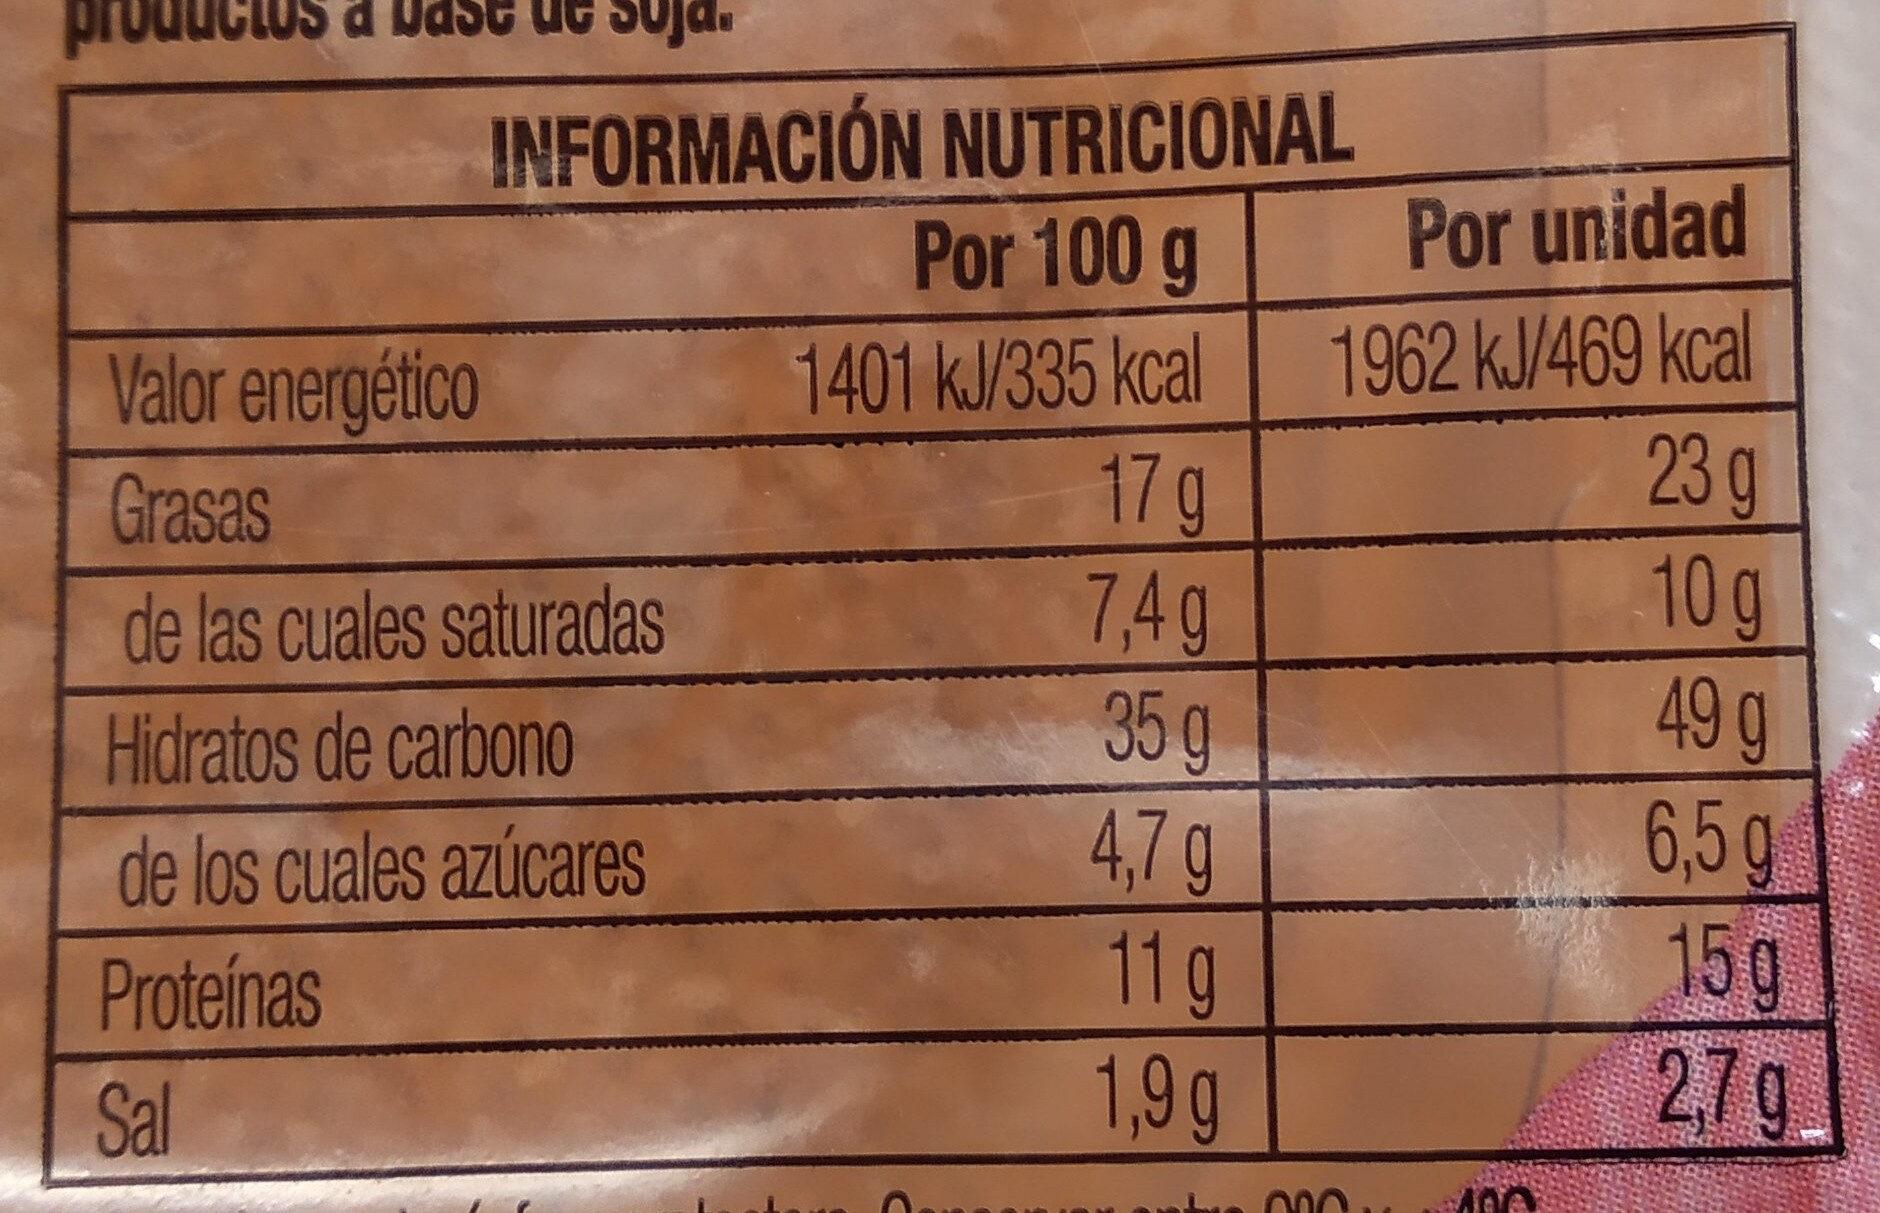 Flautas de bacon crispy y 3 quesos - Informació nutricional